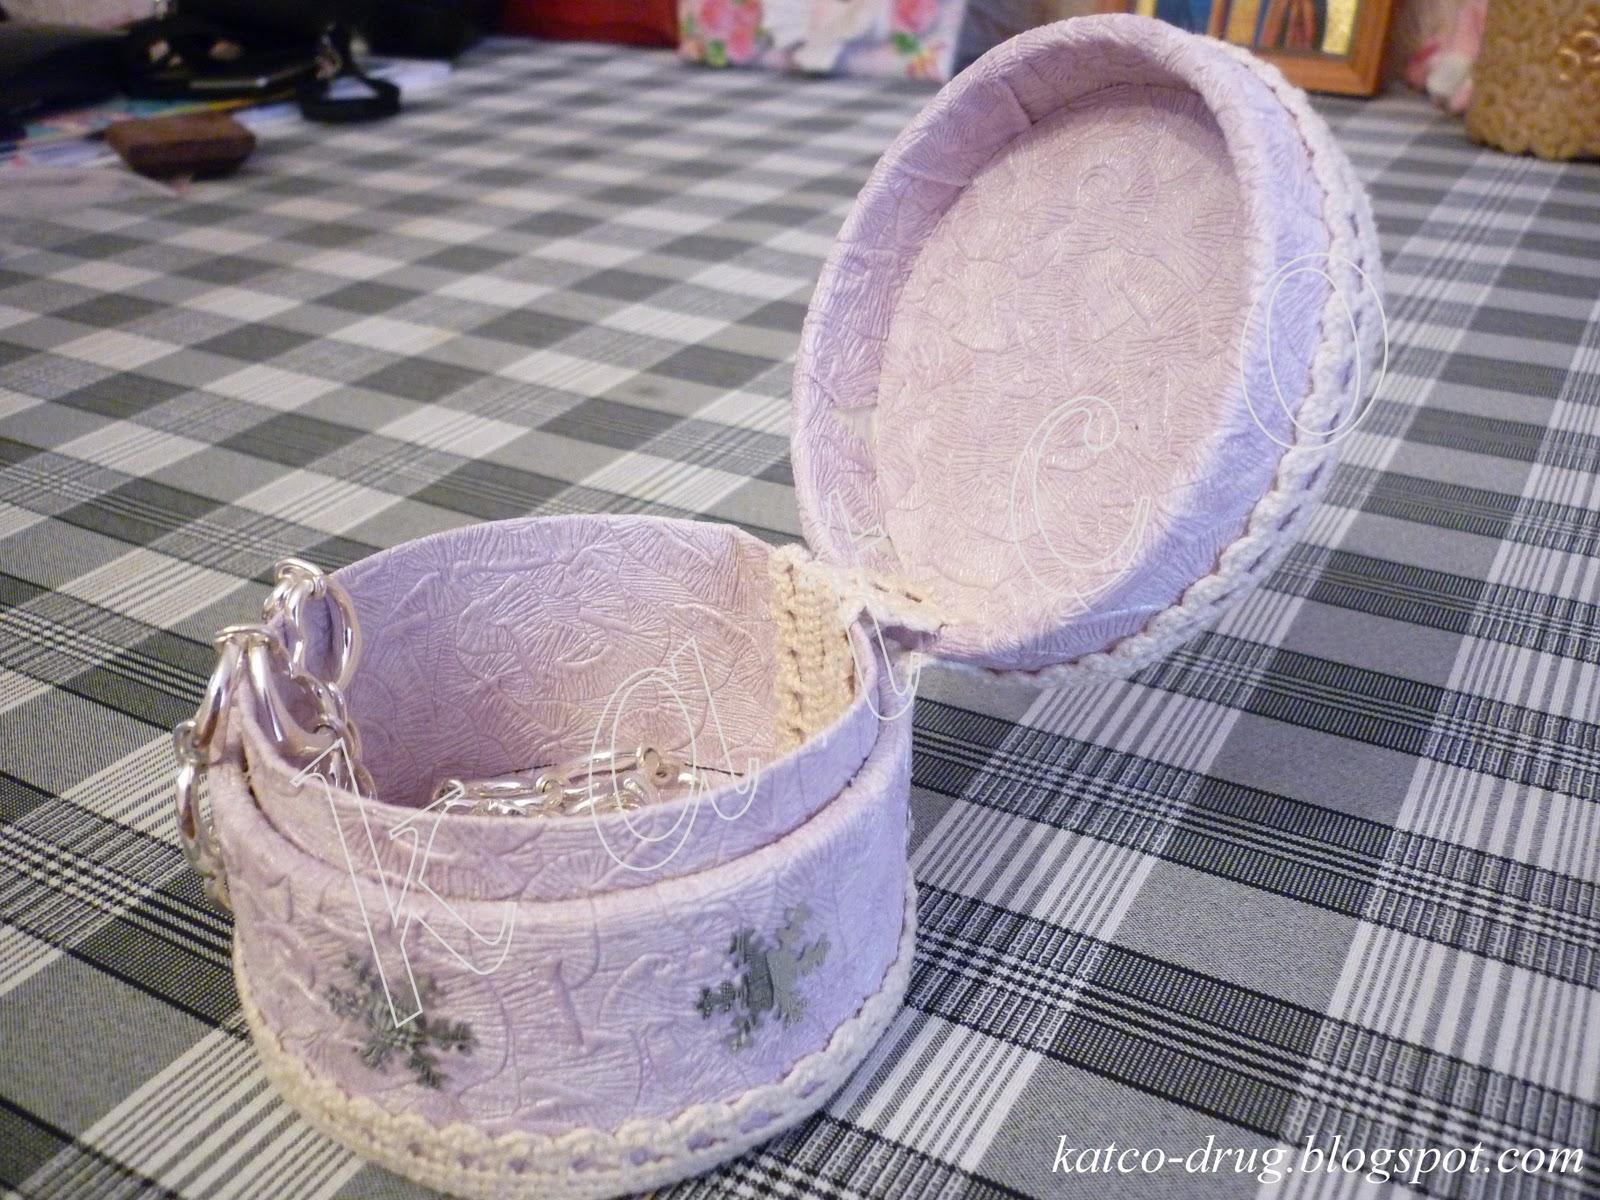 как приготовить сырные палочки в домашних условиях фото